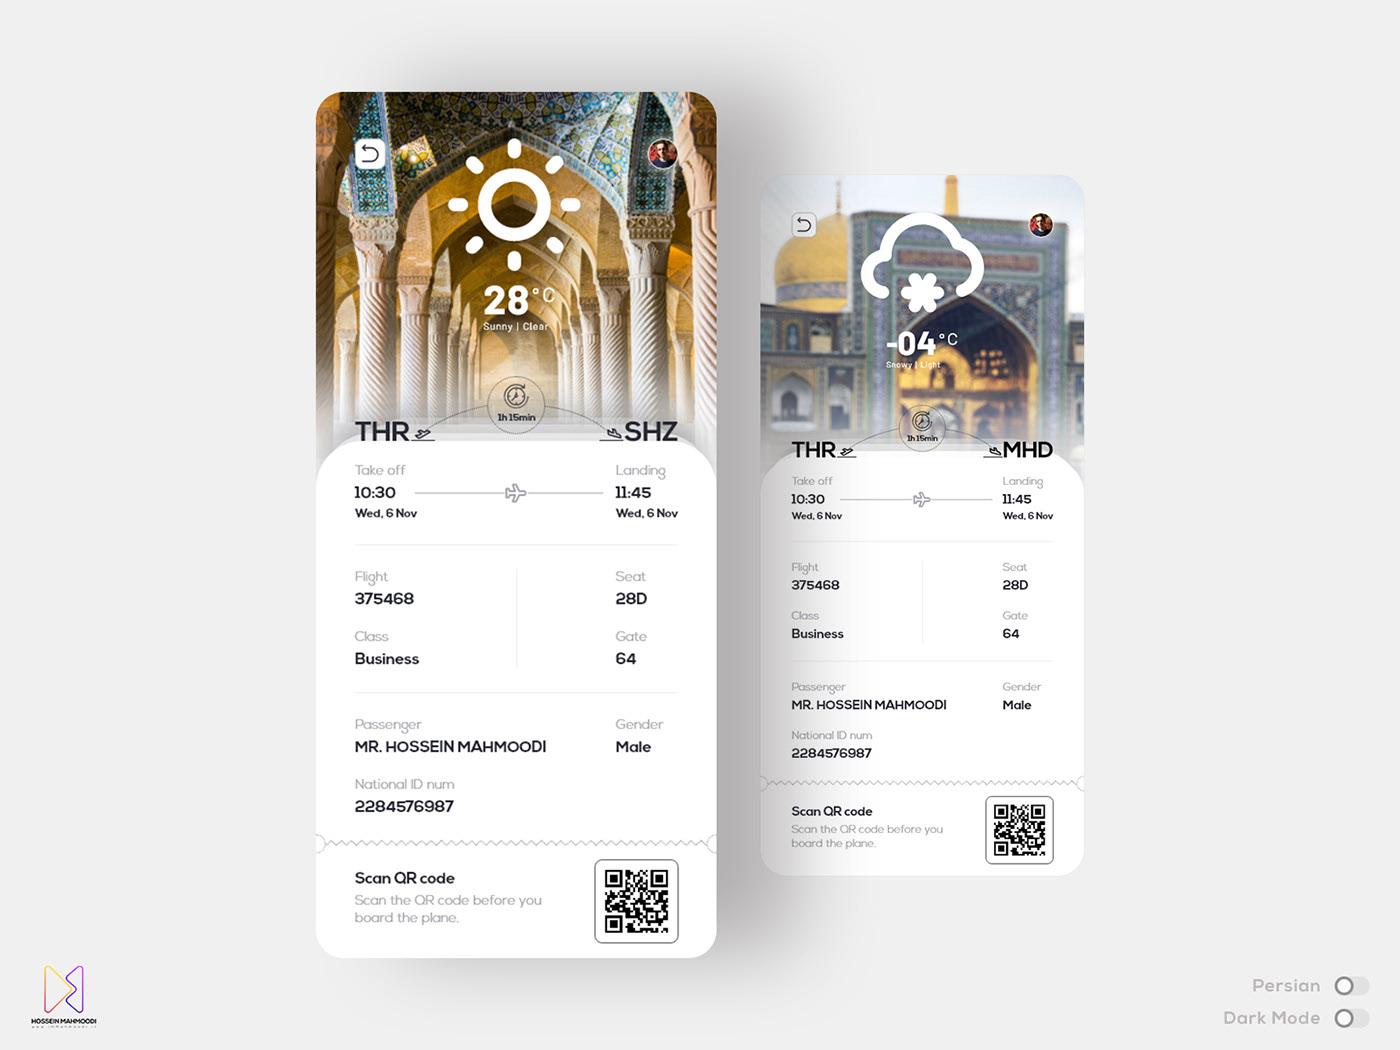 نمونهکار: رابط کاربری کارت پرواز XBoarding